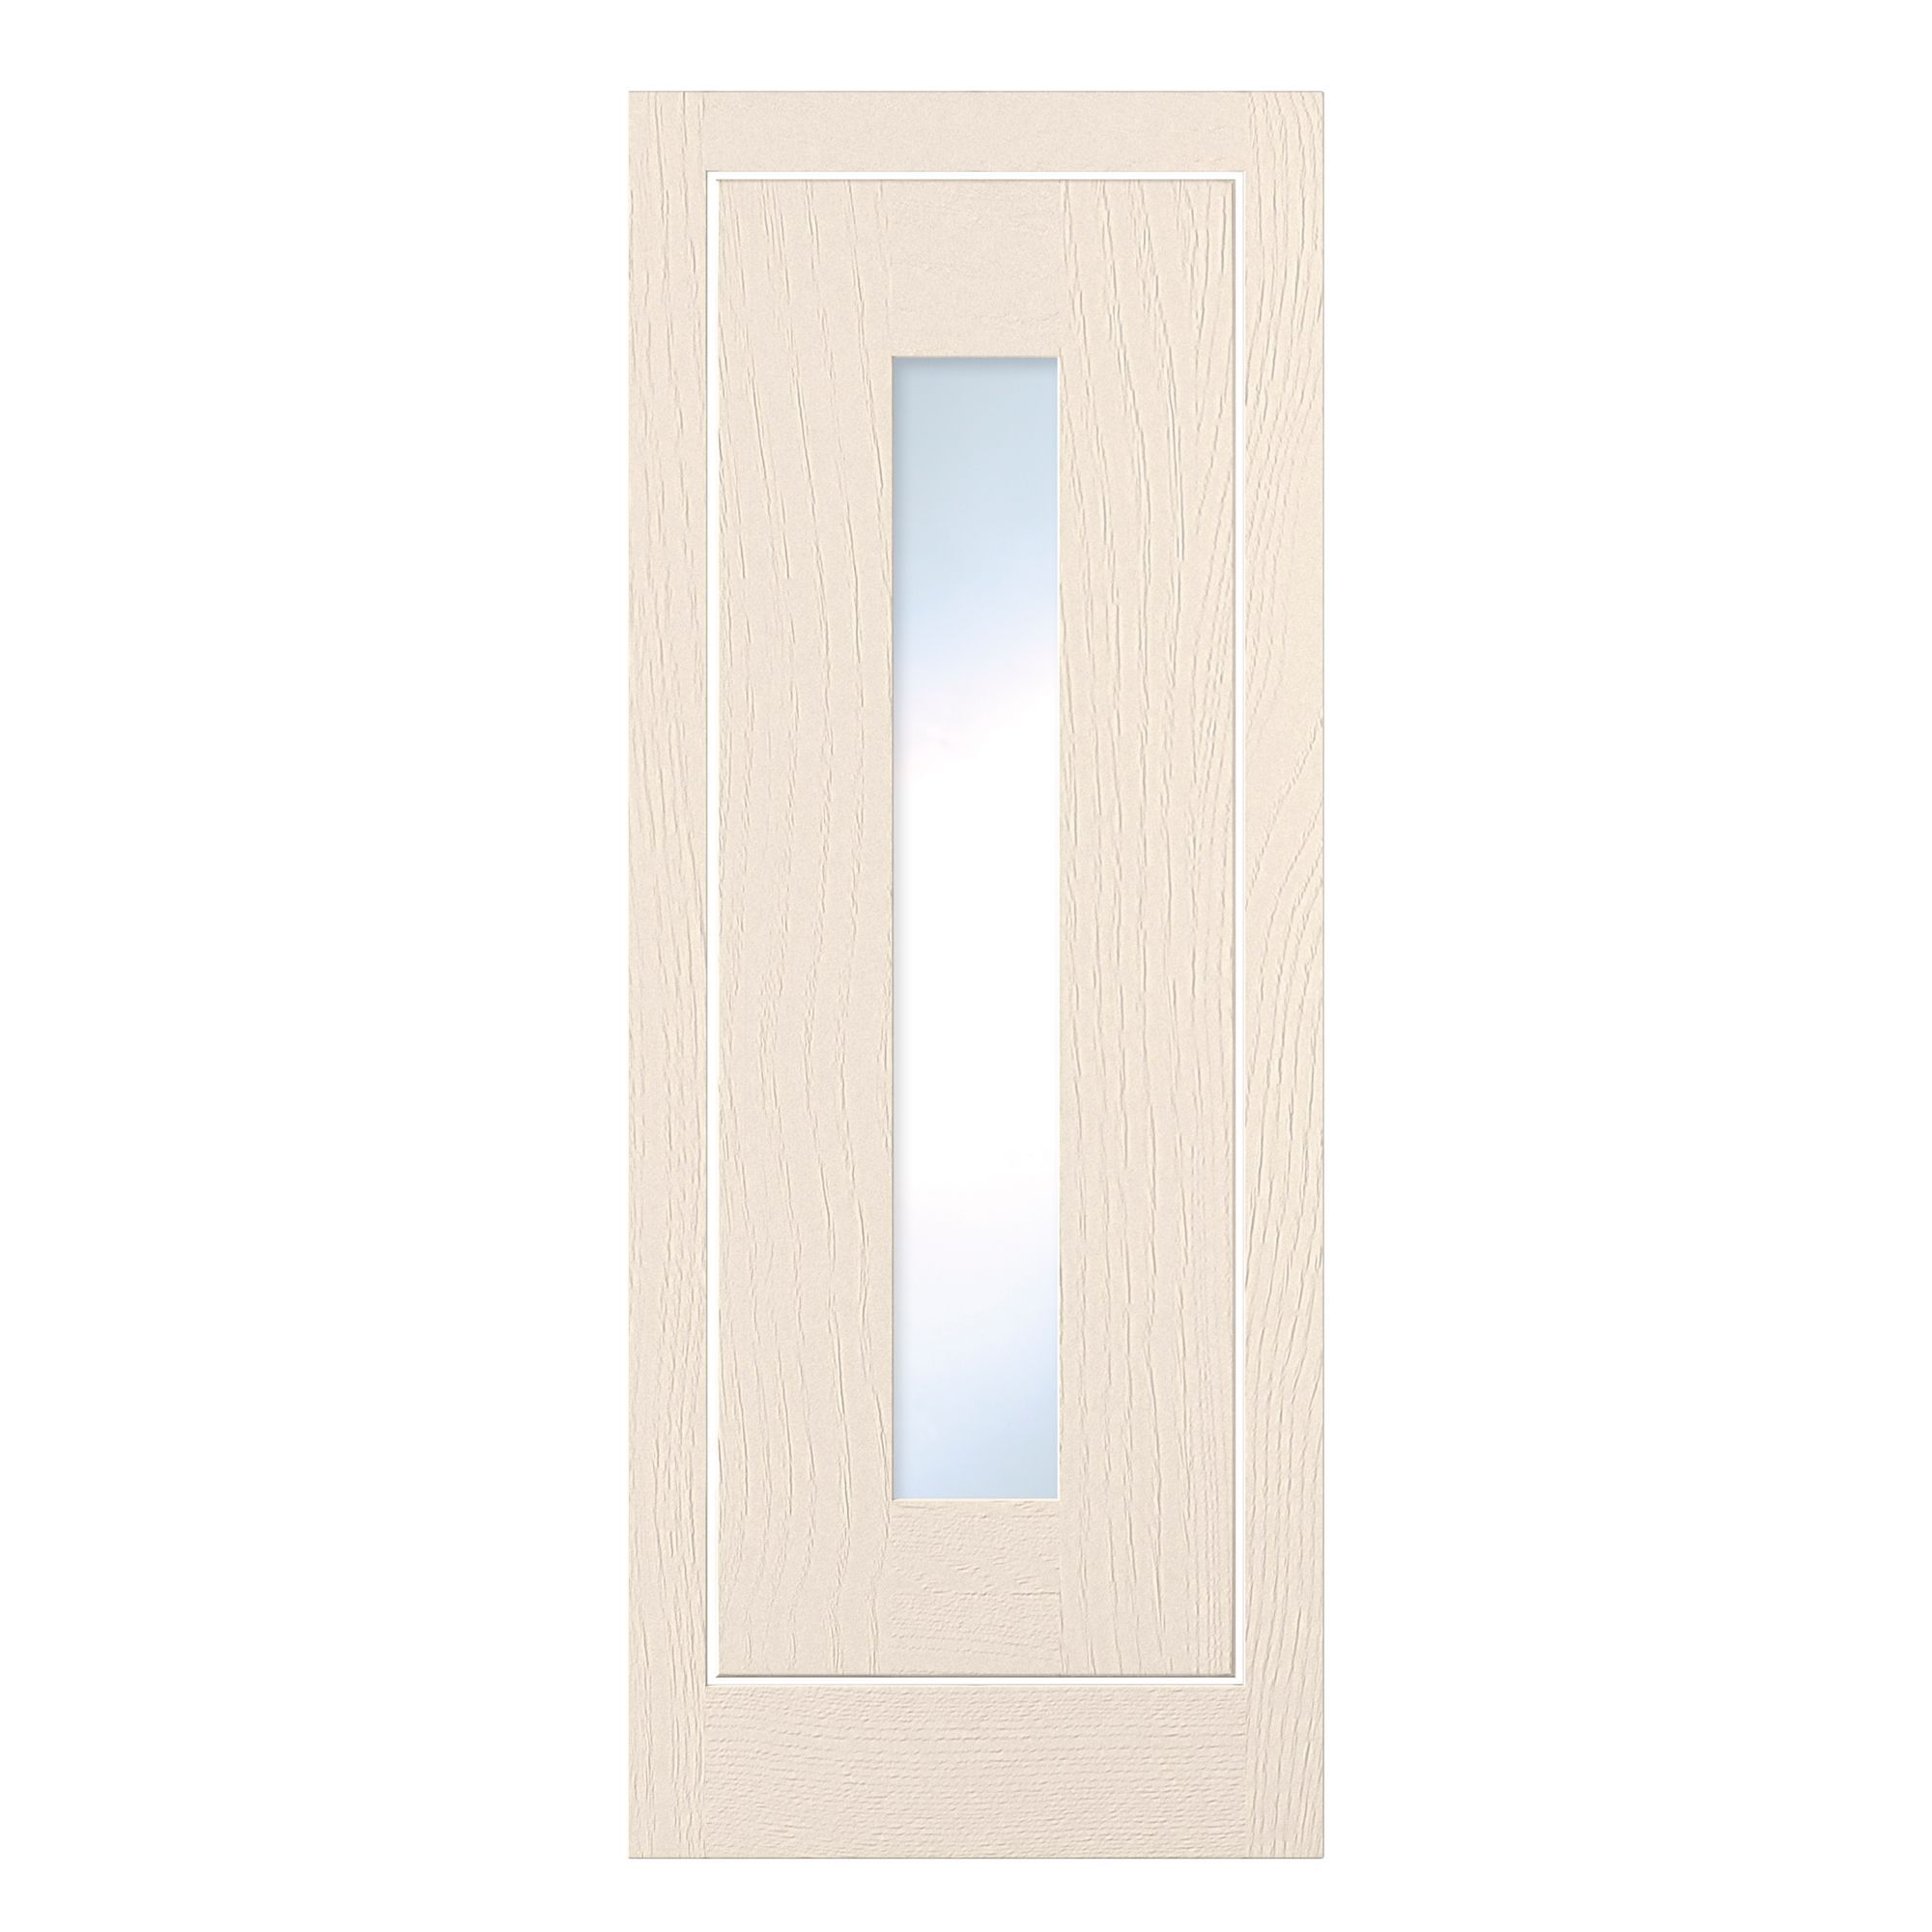 Cooke & Lewis Carisbrooke Ivory Framed Tall Glazed Door (w)300mm